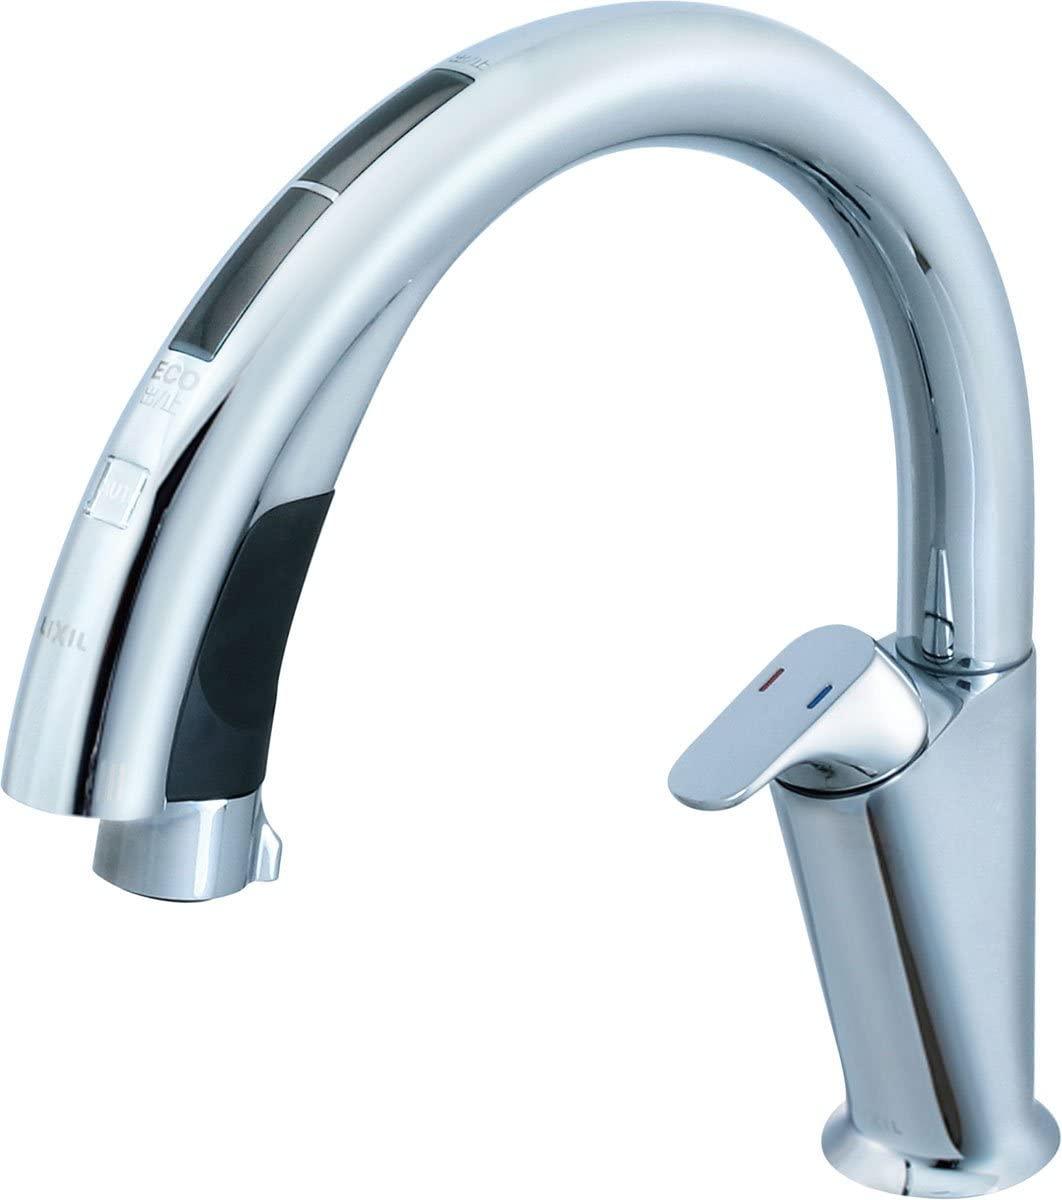 ハンズフリー [JF-NA411S-JW]LIXIL(リクシル) キッチン水栓 INAX(イナックス) A10タイプ タッチレス キッチン用蛇口 ホース引出式 浄水器ビルトイン型 ナビッシュ 送料無料